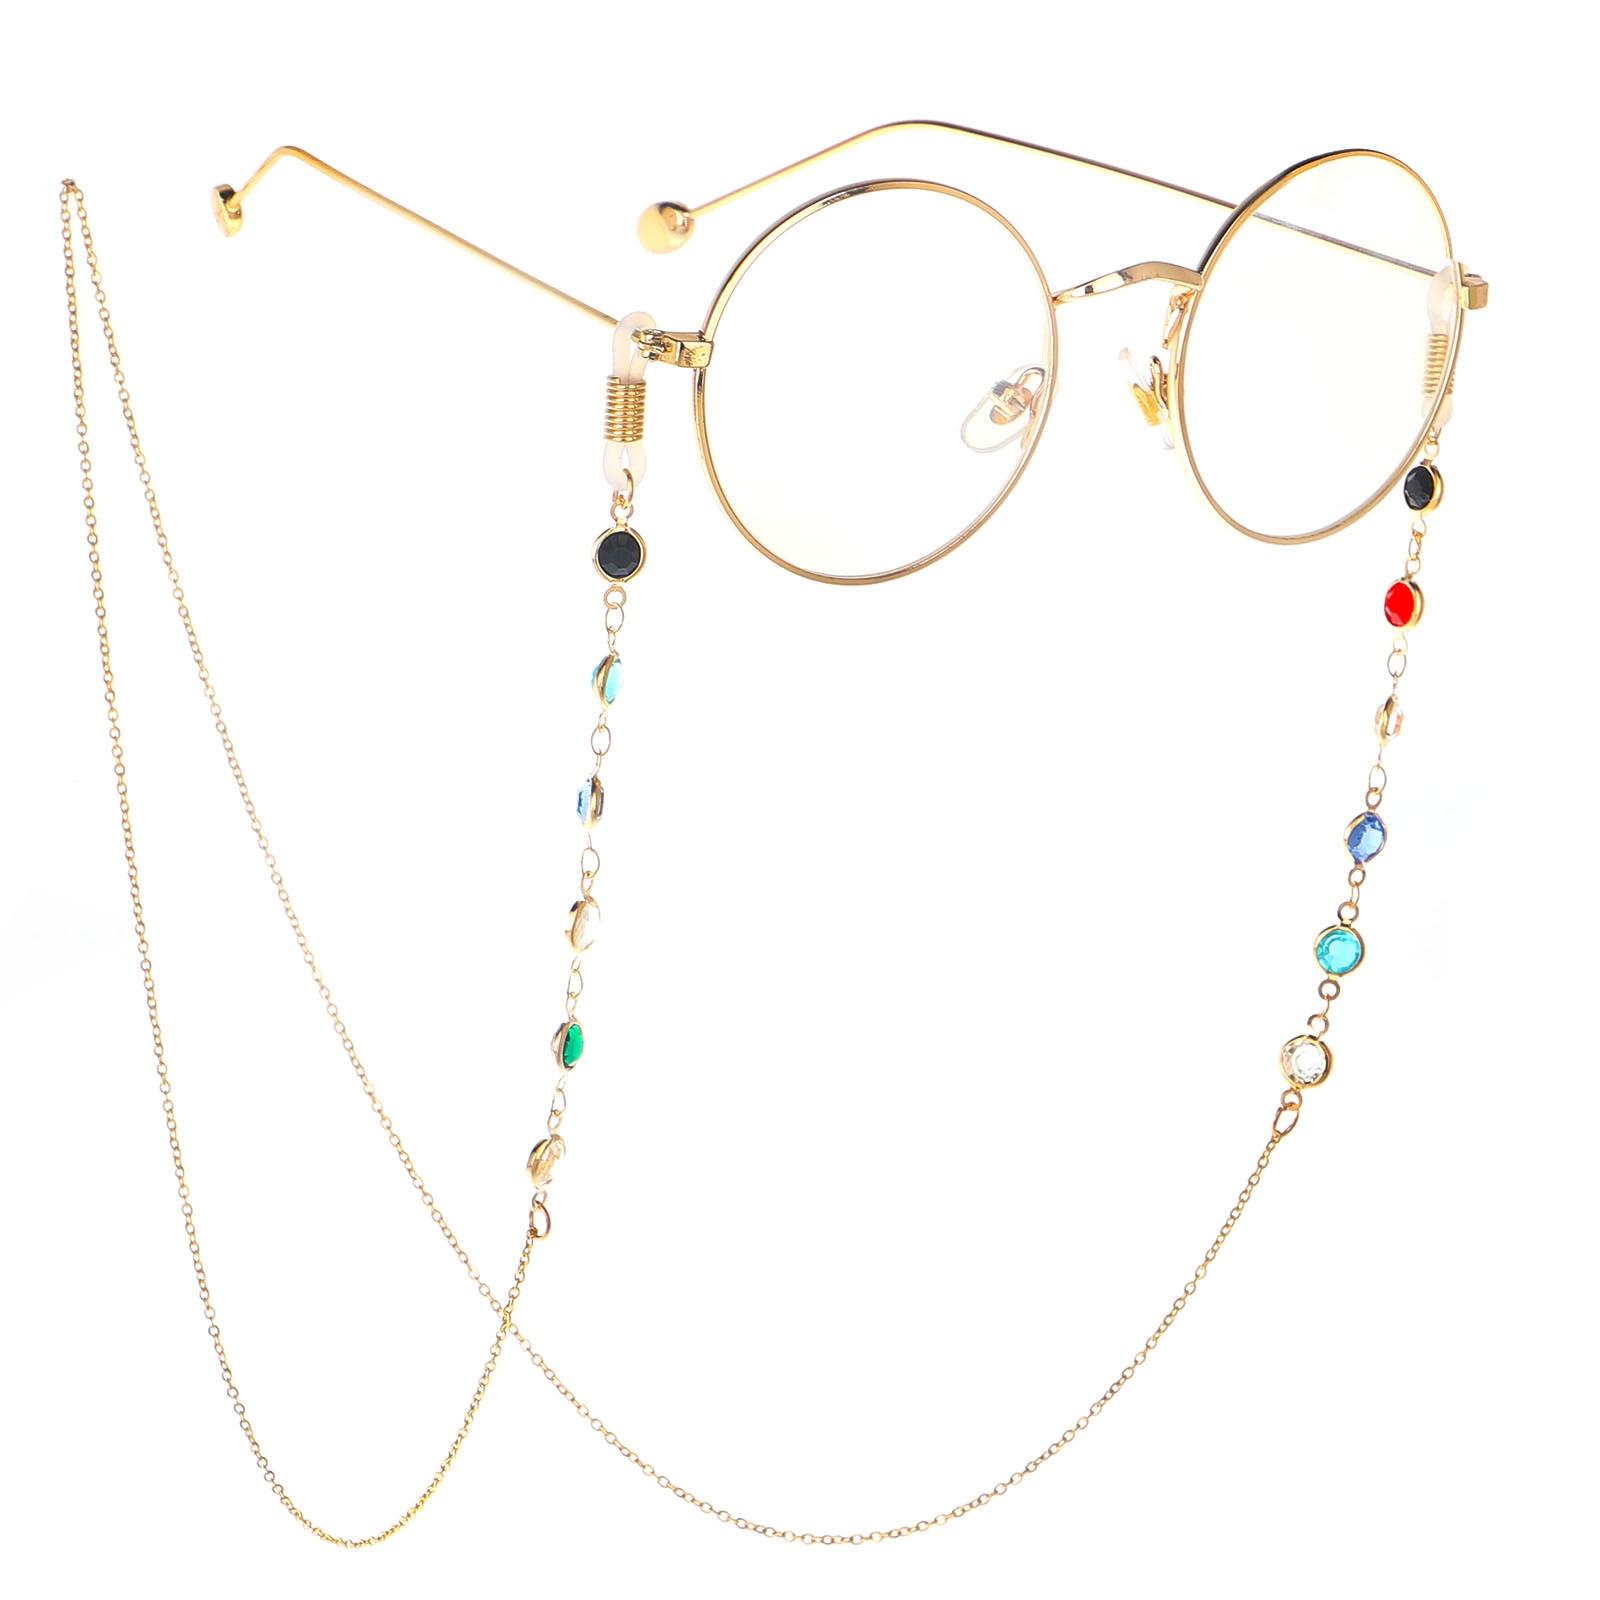 Cadena de gafas largas de lectura coreana para hombres y mujeres accesorios de gafas de acero inoxidable 75CM collar de gafas de sol correa de cordón de Anteojos